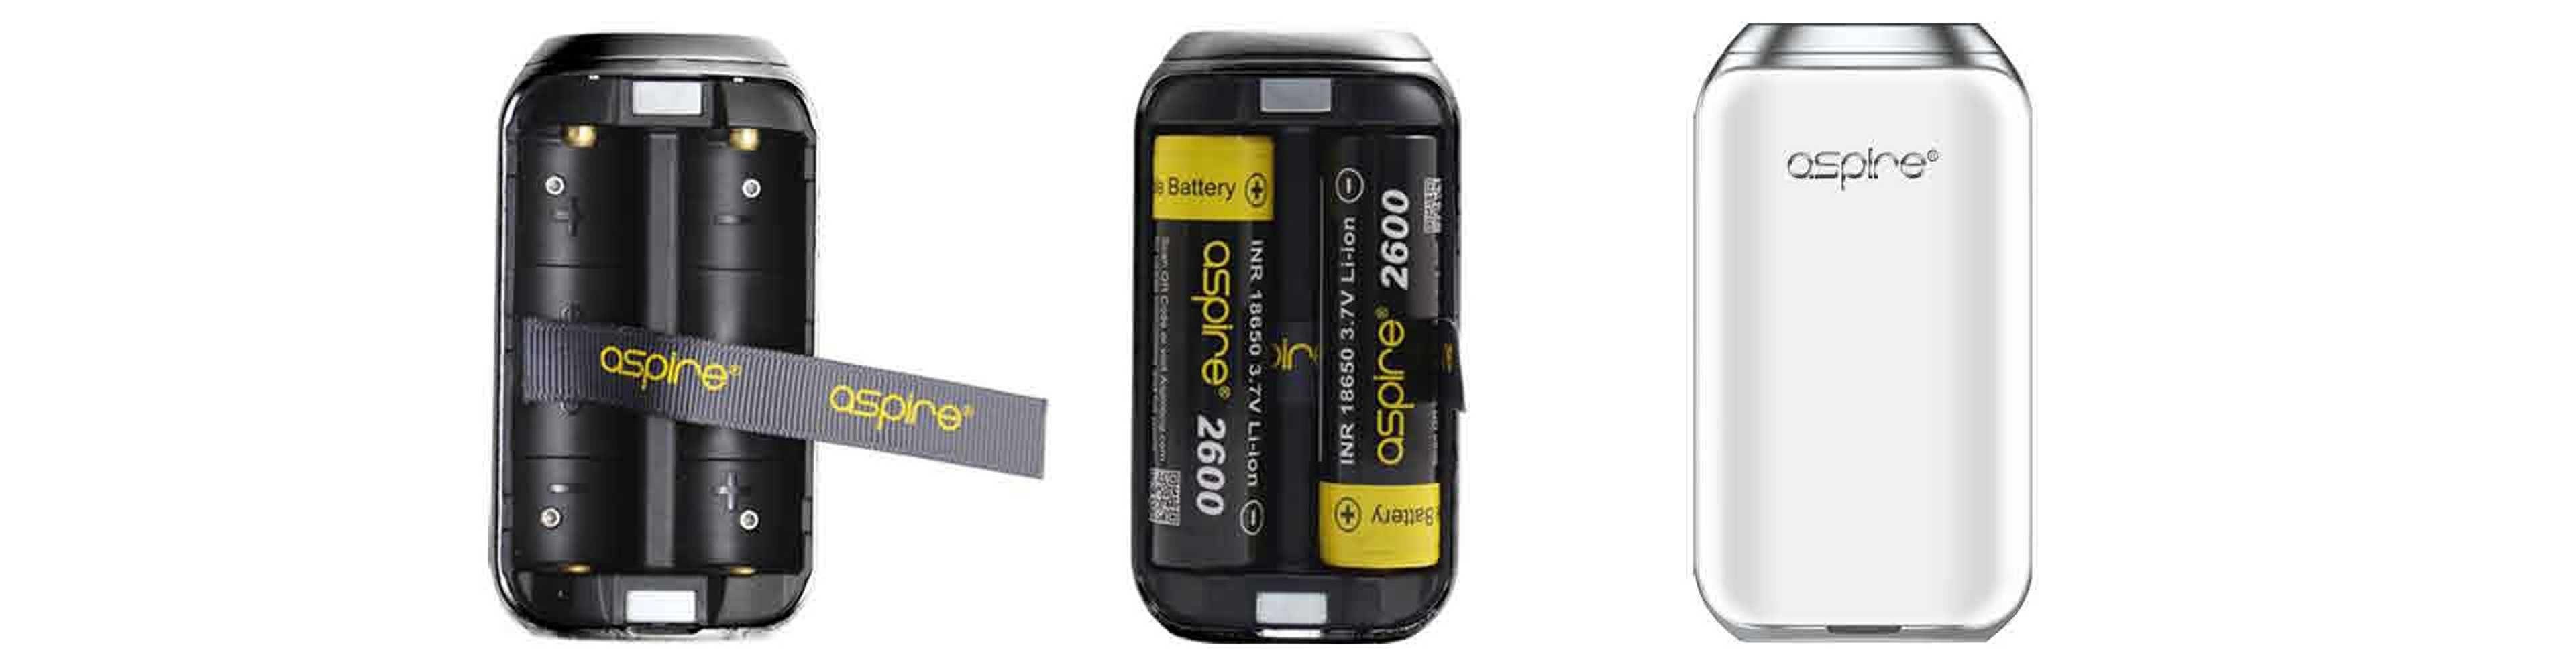 Aspire SkyStar Mod Battery Installation